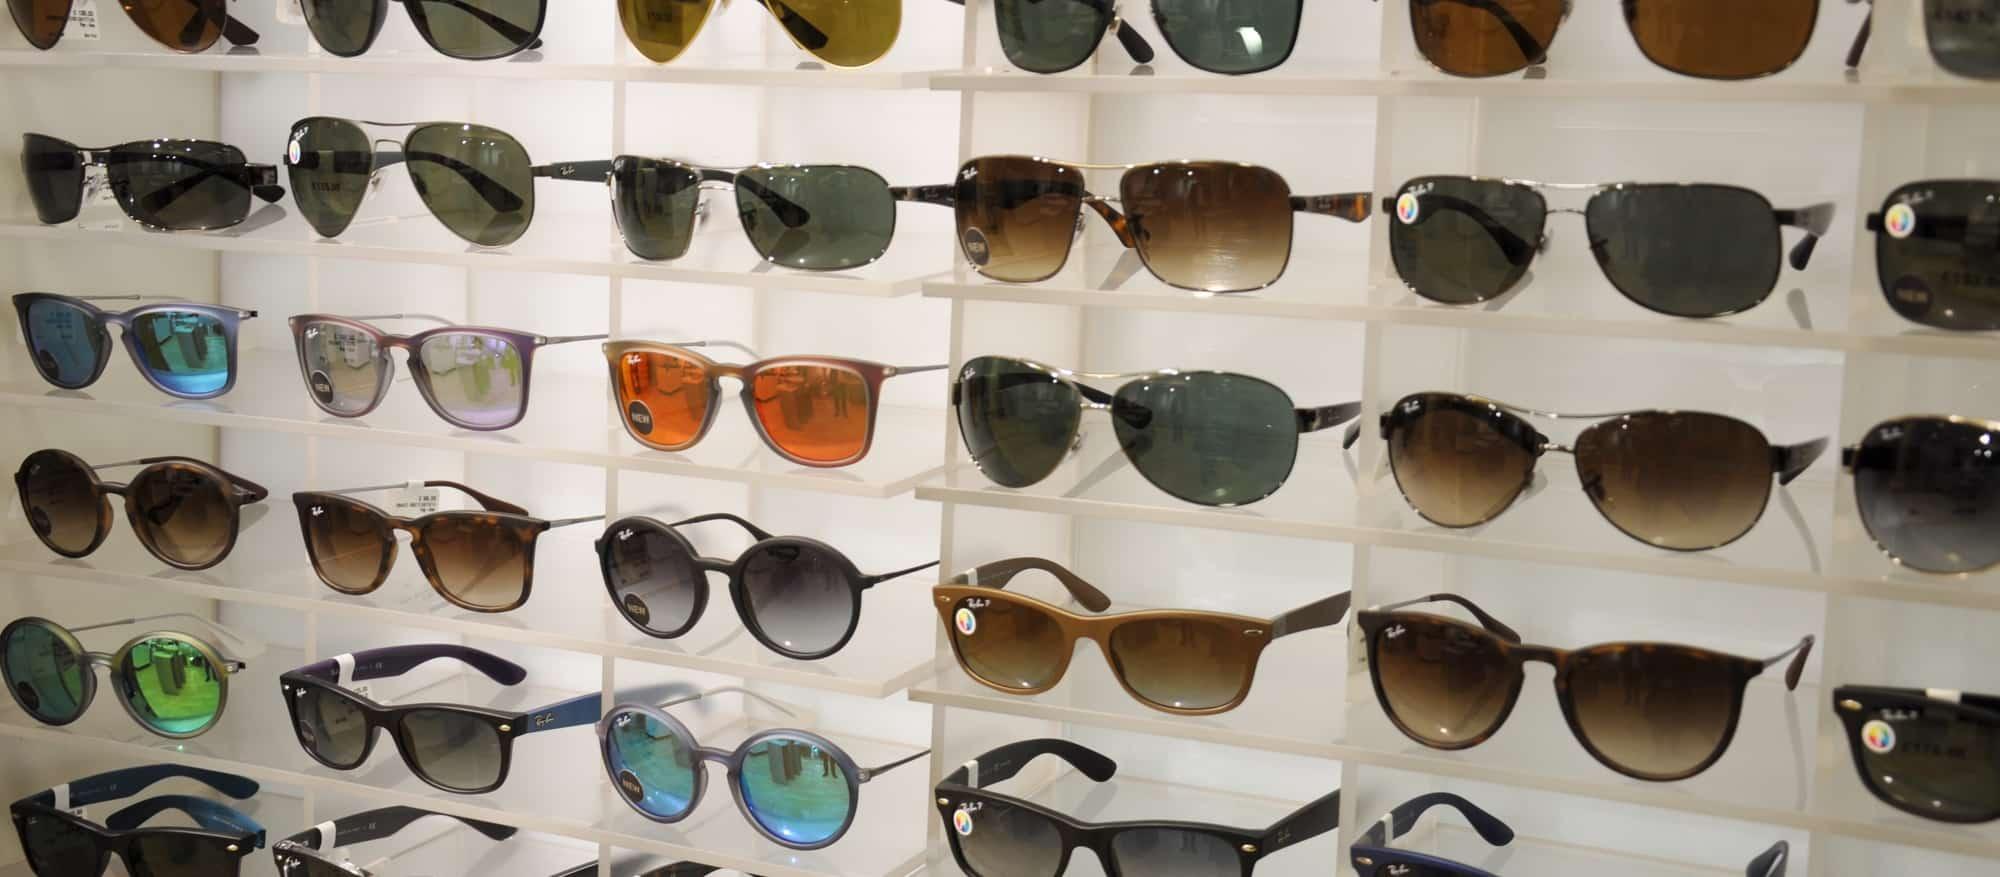 c312e460d دليل أرخص محل نظارات شمسية في الرياض ، في مدينة الرياض الكثير من المحلات  التي تقوم ببيع النظارات الشمسية المختلفة في الأشكال والماركات، وقد يبحث  الكثير على ...